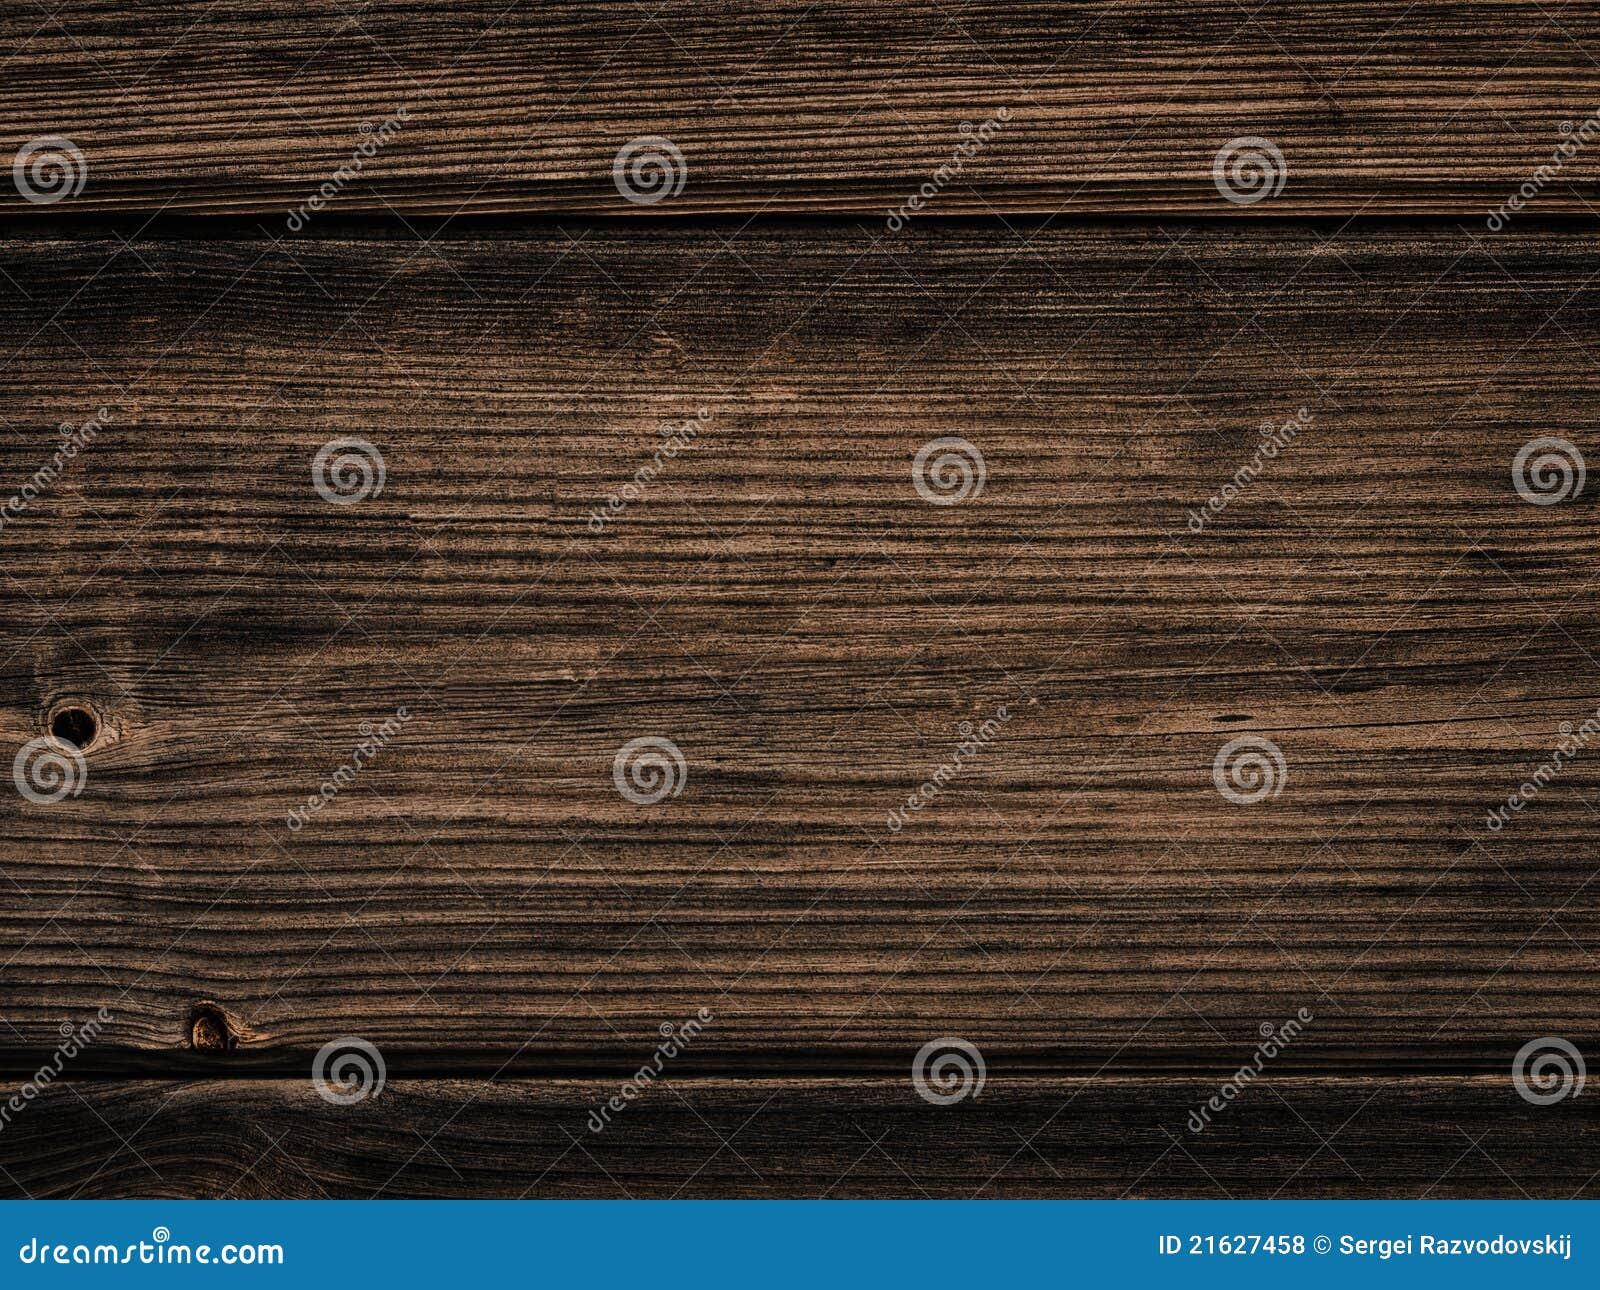 wood background royalty free - photo #22